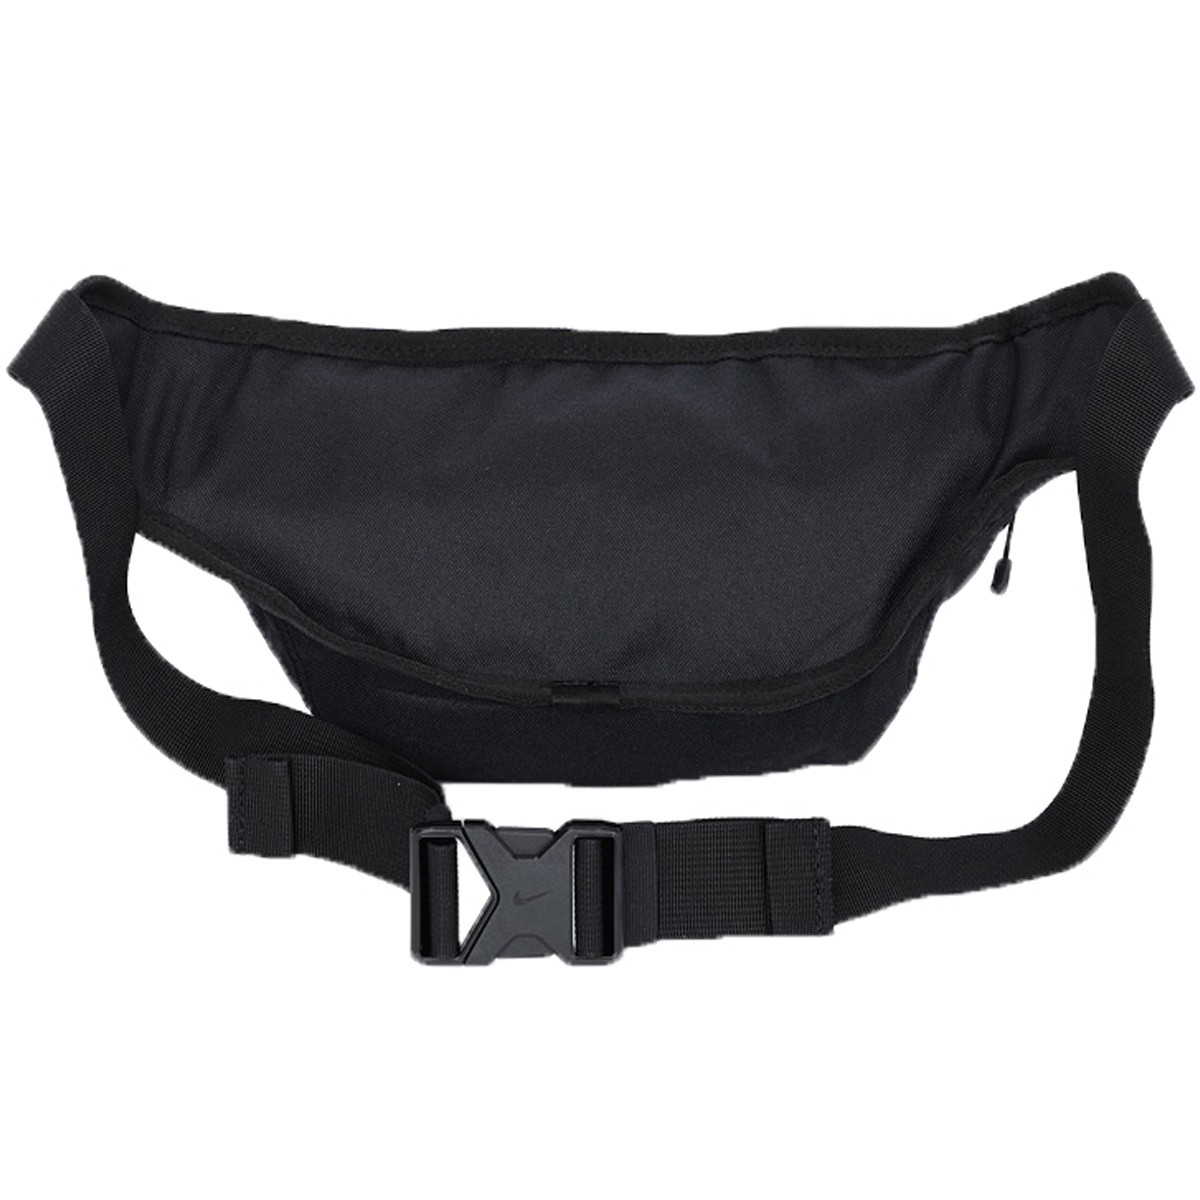 a3055c8483d Nike Waistpack Cross Shoulder Bum Fanny Travel Waist Bag Pack Sack Pouch  Black